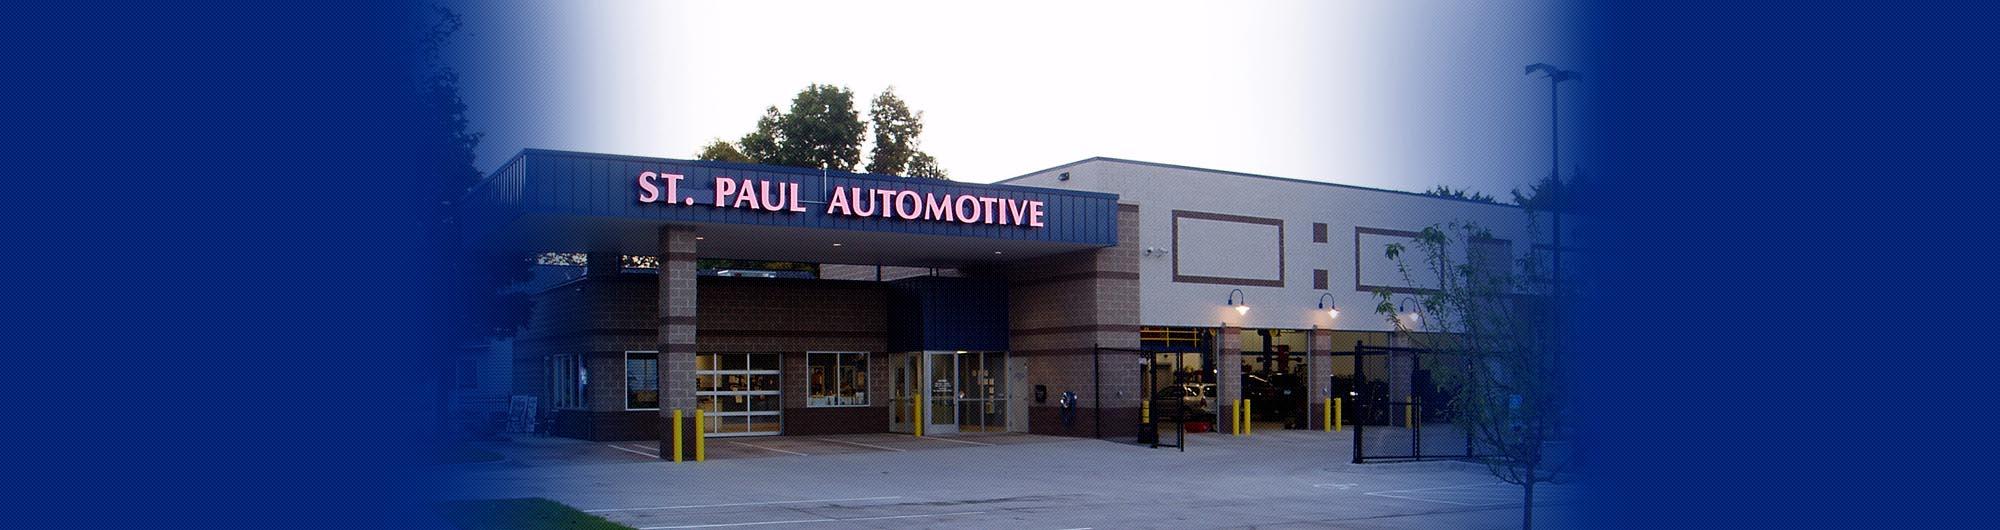 Auto Repair in St. Paul